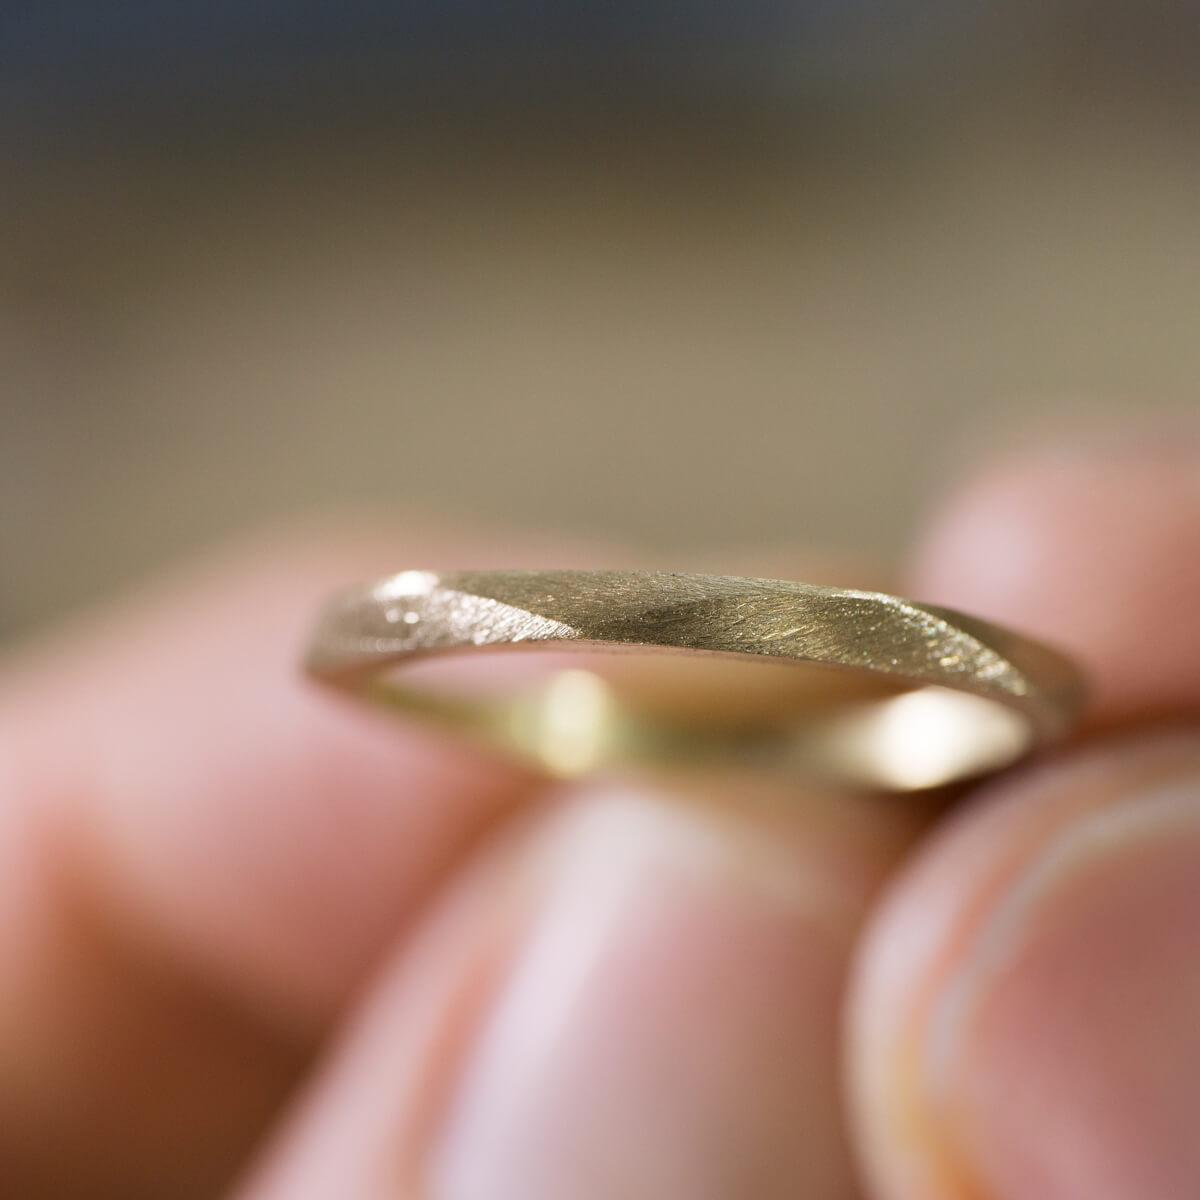 オーダーメイドマリッジリングの制作風景 ジュエリーのアトリエ 手に指輪 お花モチーフ ゴールド 屋久島で作る結婚指輪